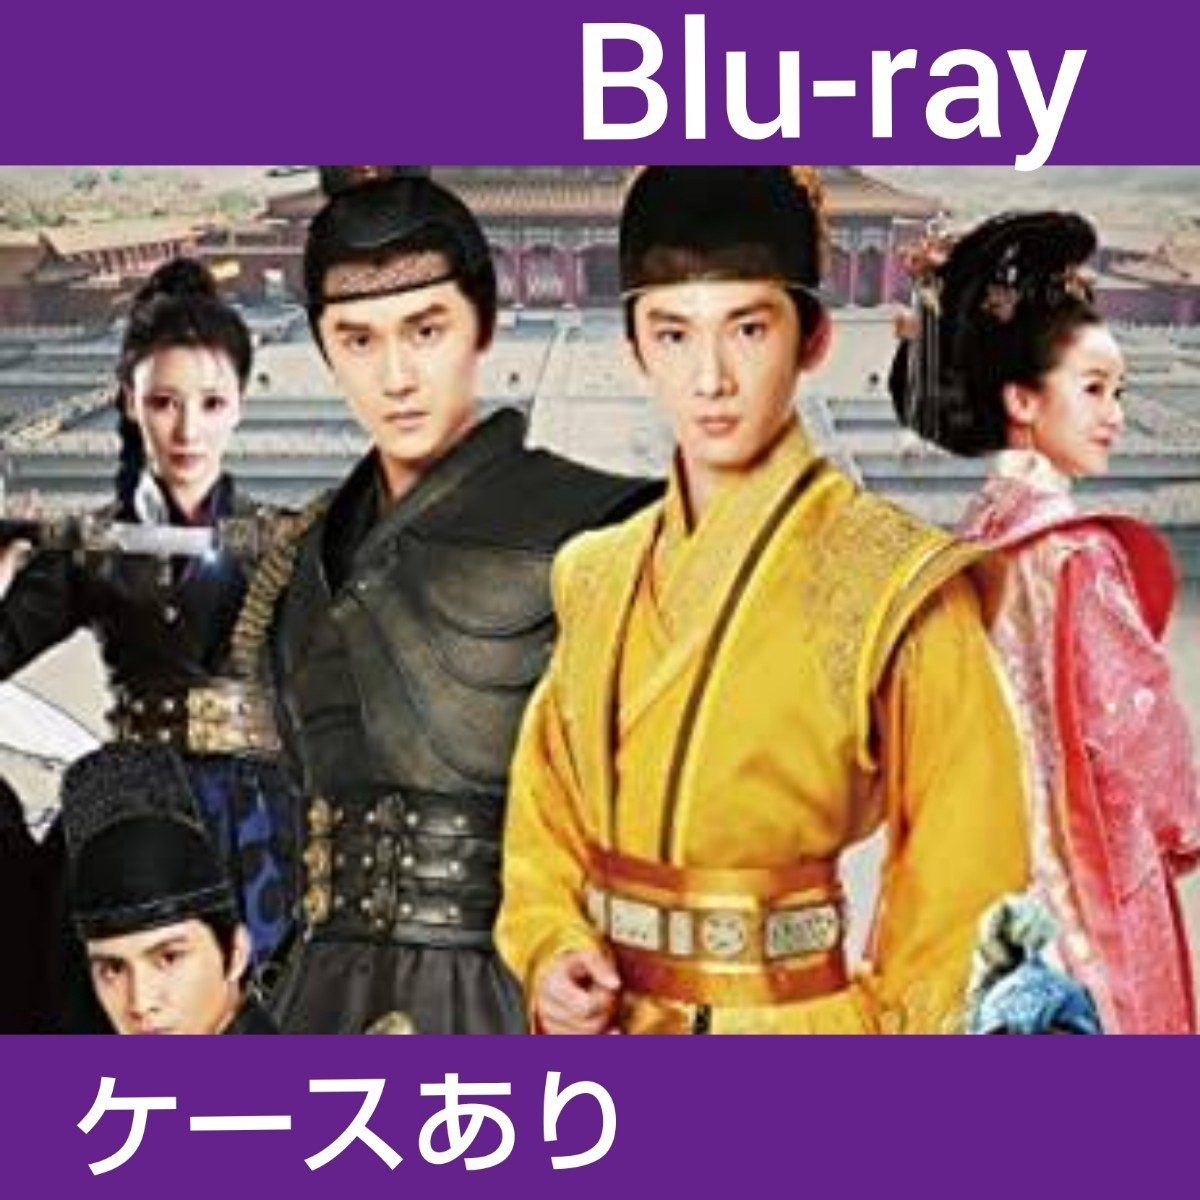 中国ドラマ 明朝皇伝 全話 Blu-ray